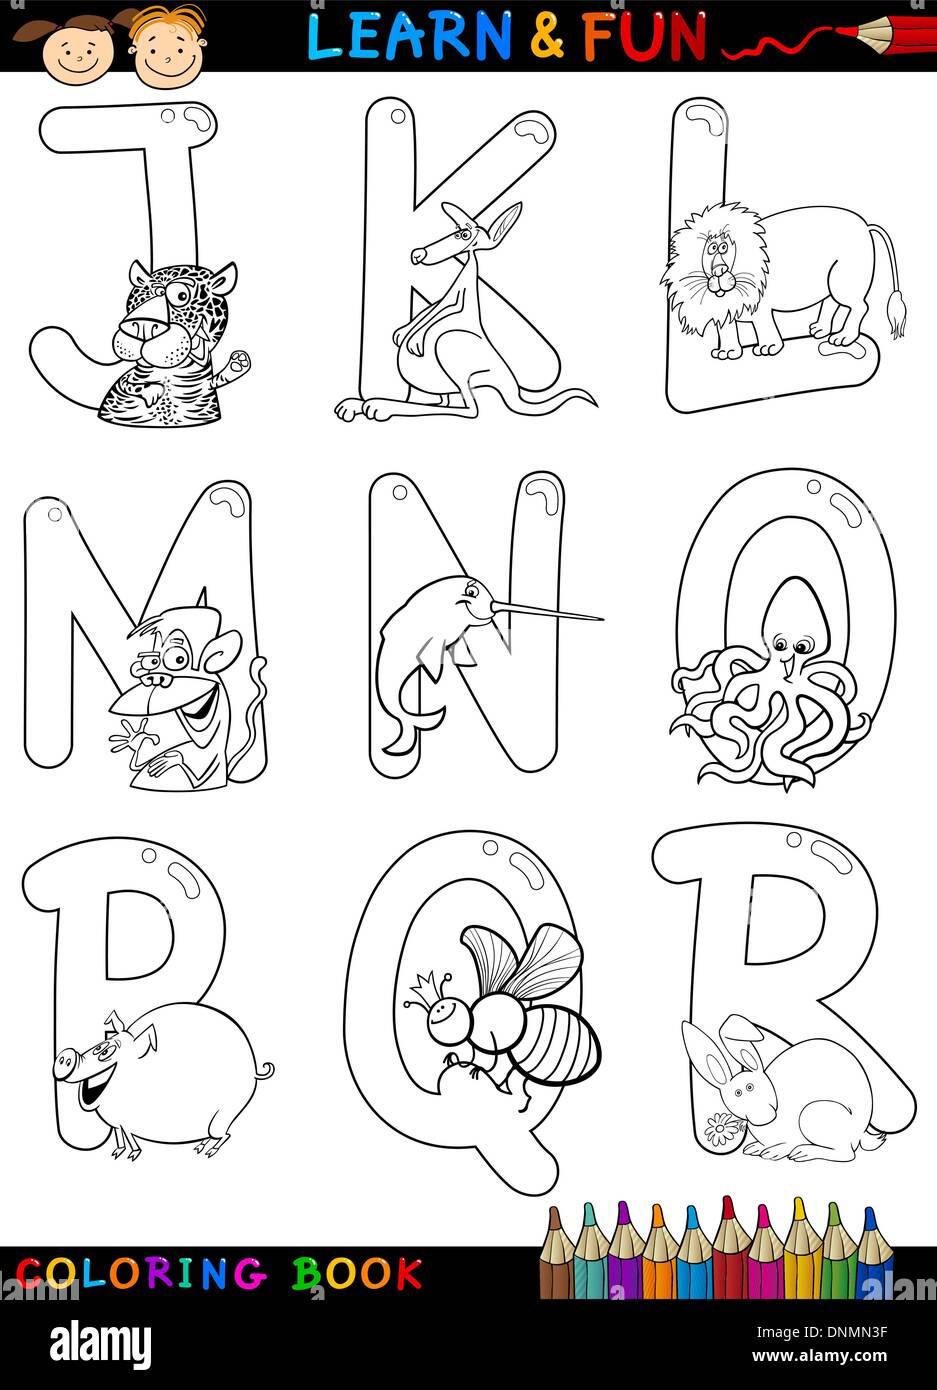 Großartig Druckbare Alphabet Malbuch Bilder - Malvorlagen Von Tieren ...